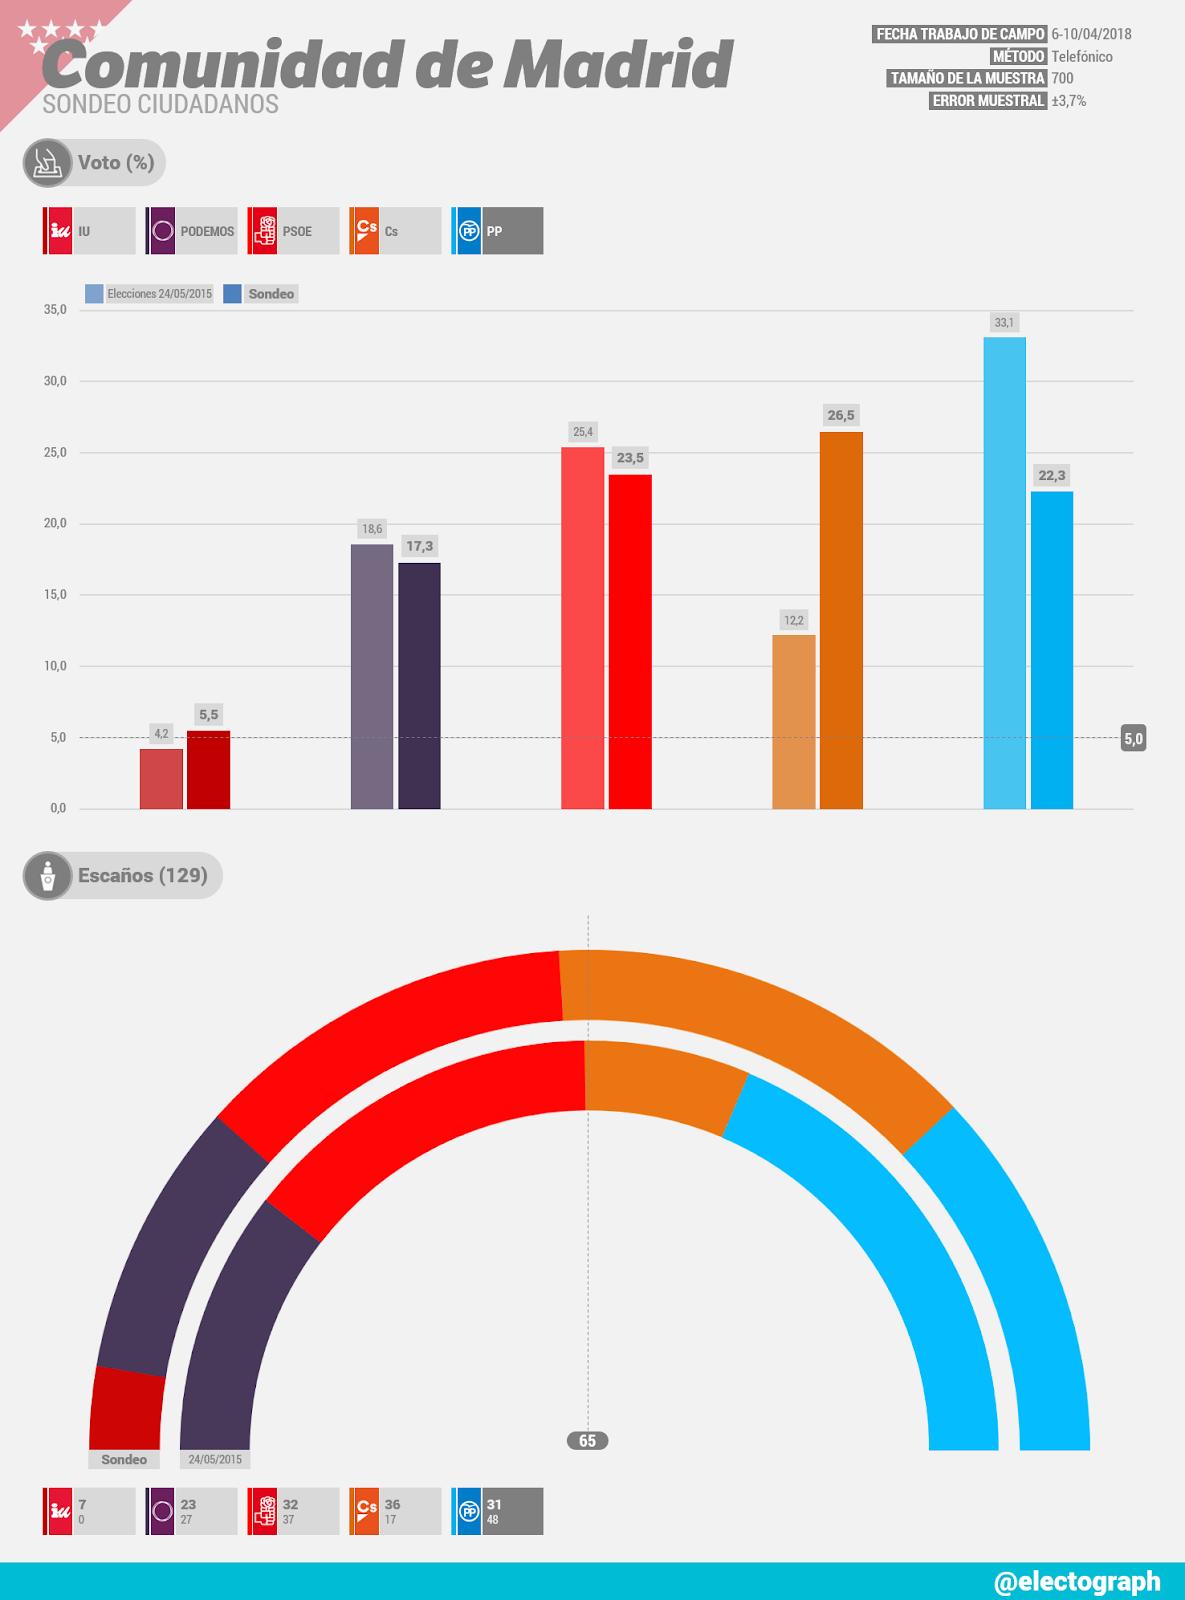 Gráfico de la encuesta para elecciones autonómicas en la Comunidad de Madrid realizada para Ciudadanos en abril de 2018